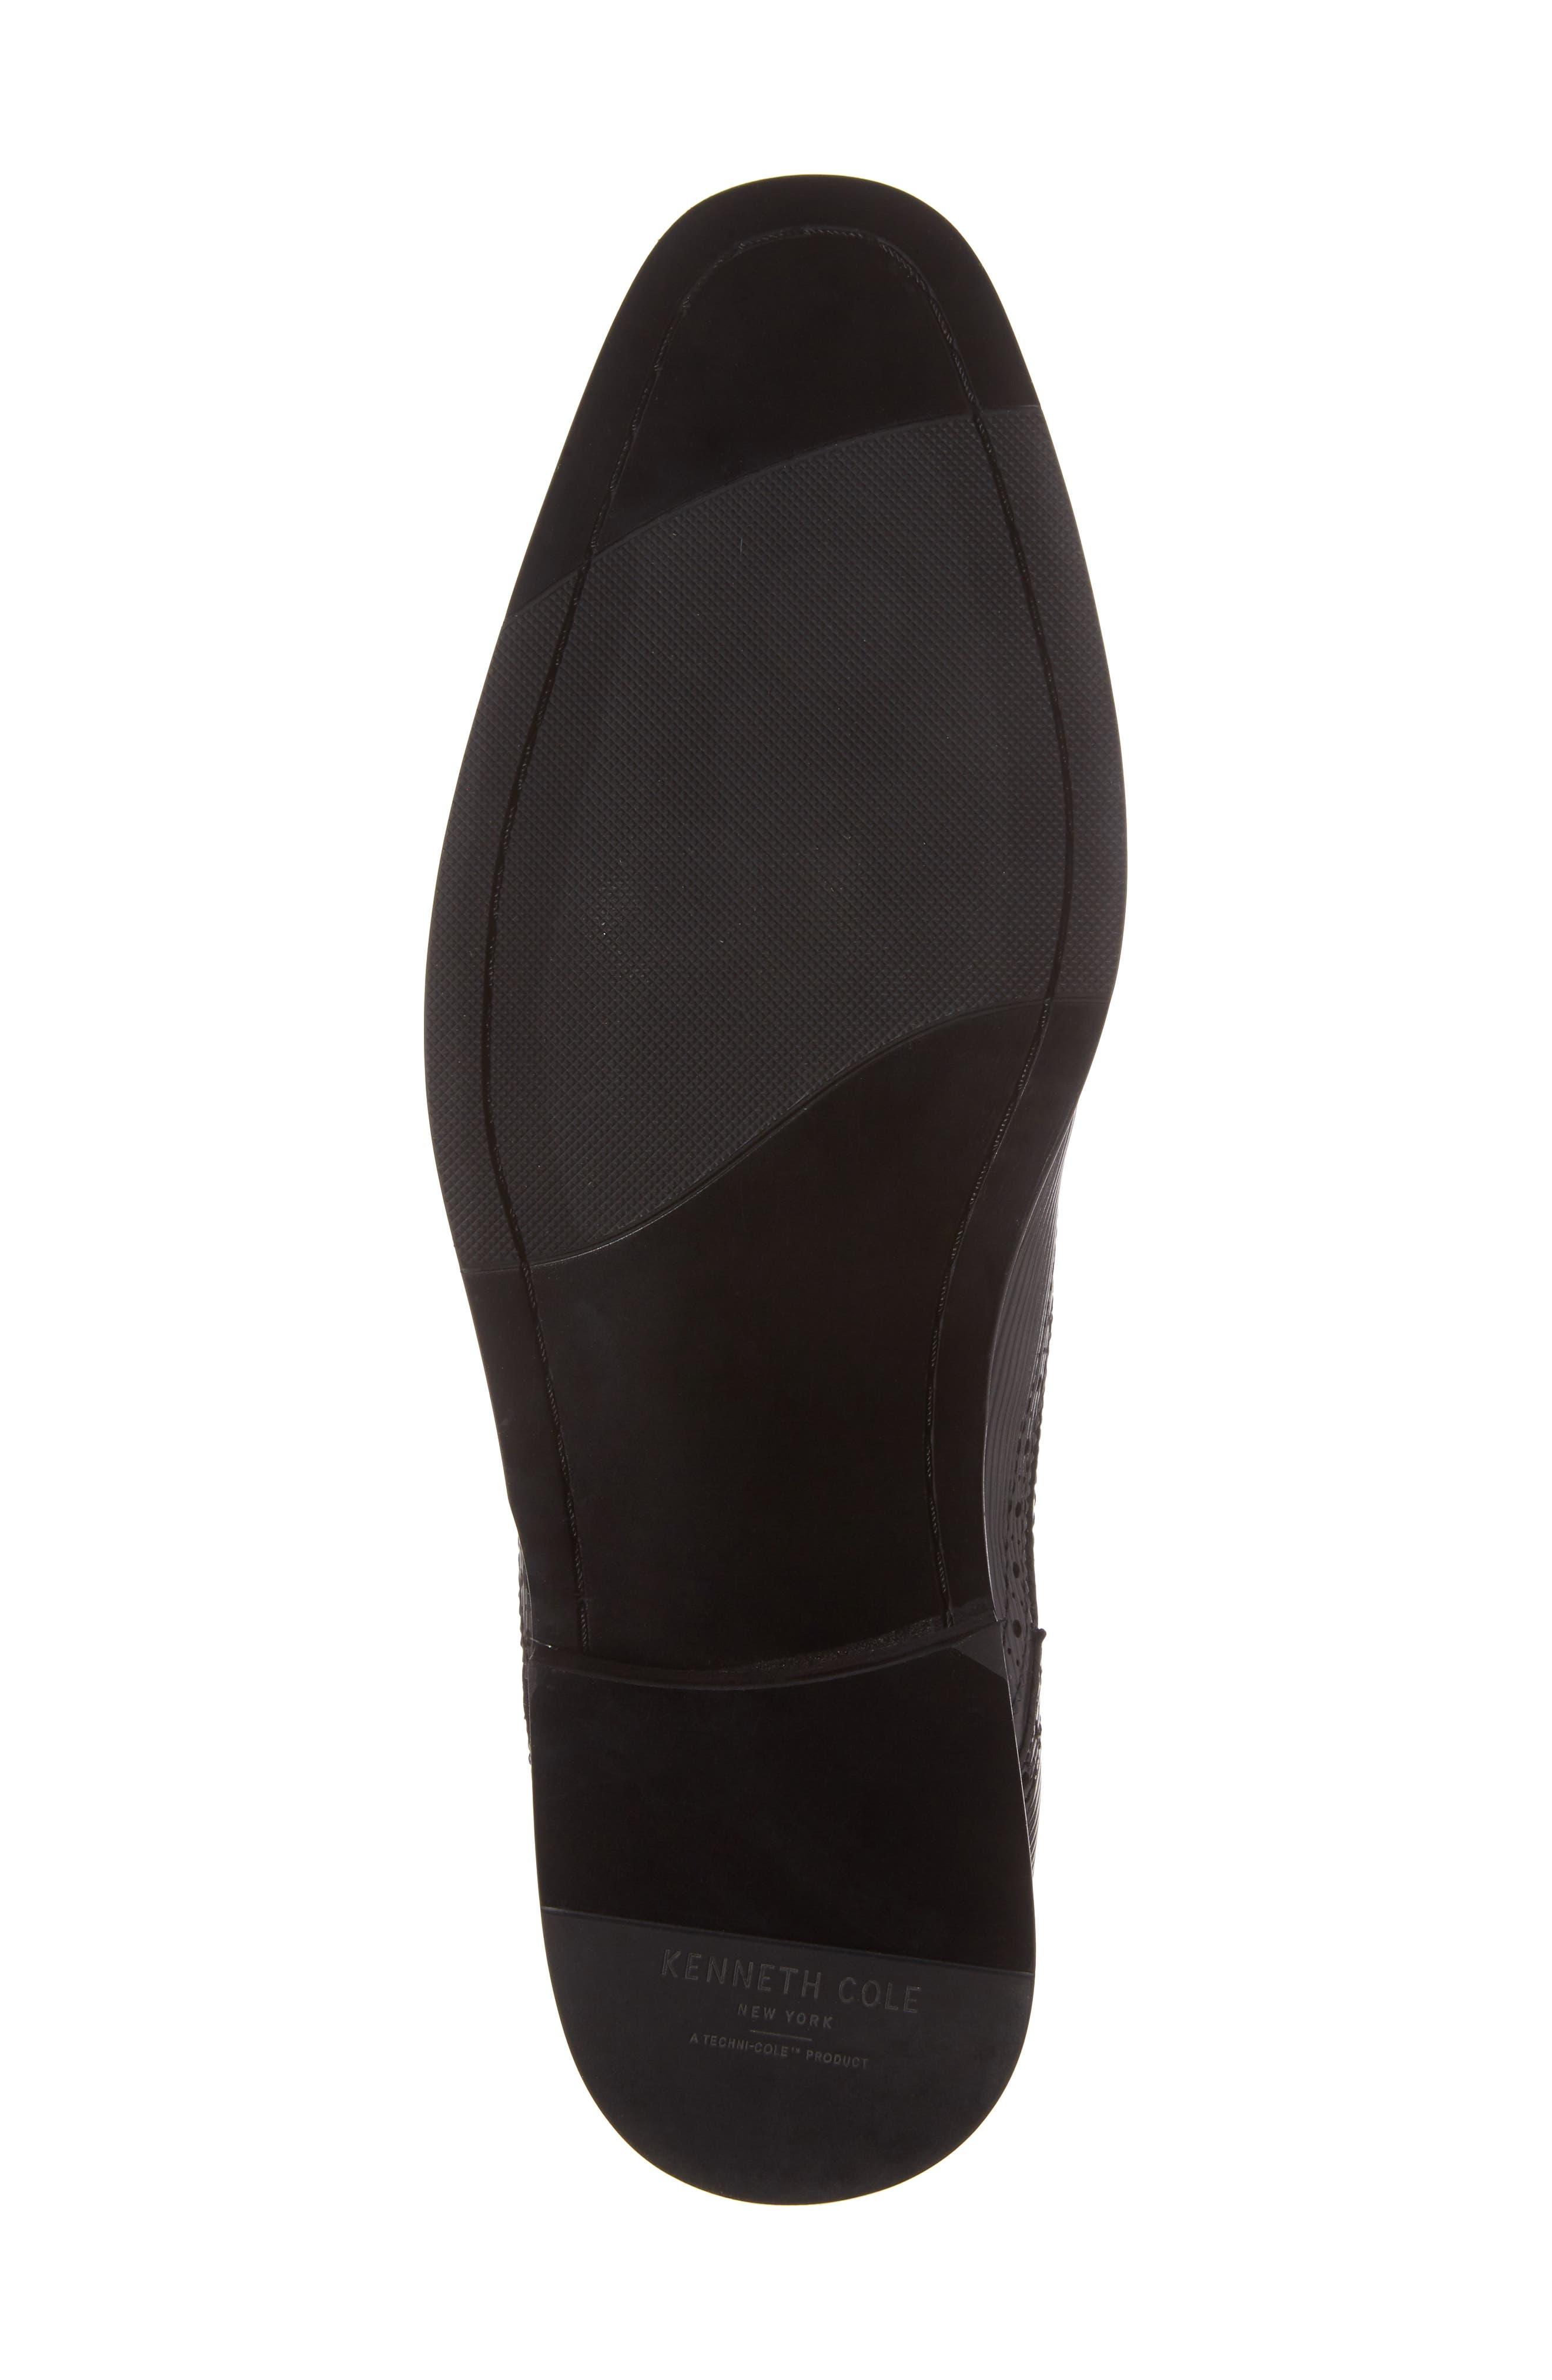 Design Monk Strap Shoe,                             Alternate thumbnail 11, color,